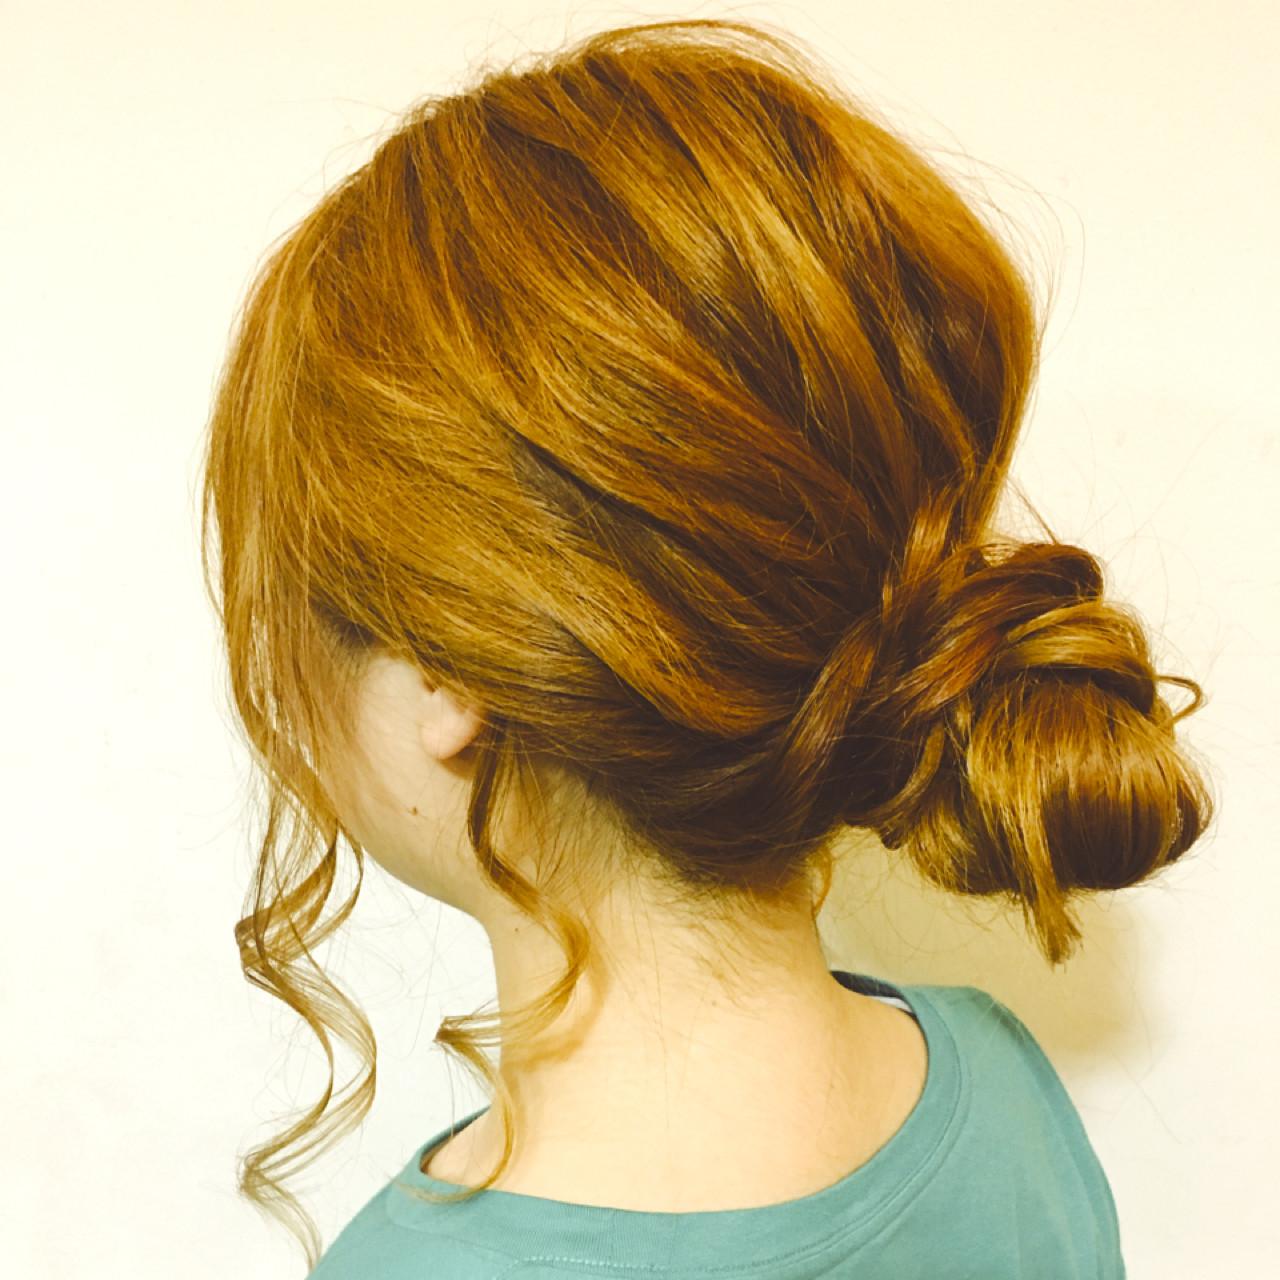 和装 ロング まとめ髪 ヘアアレンジ ヘアスタイルや髪型の写真・画像